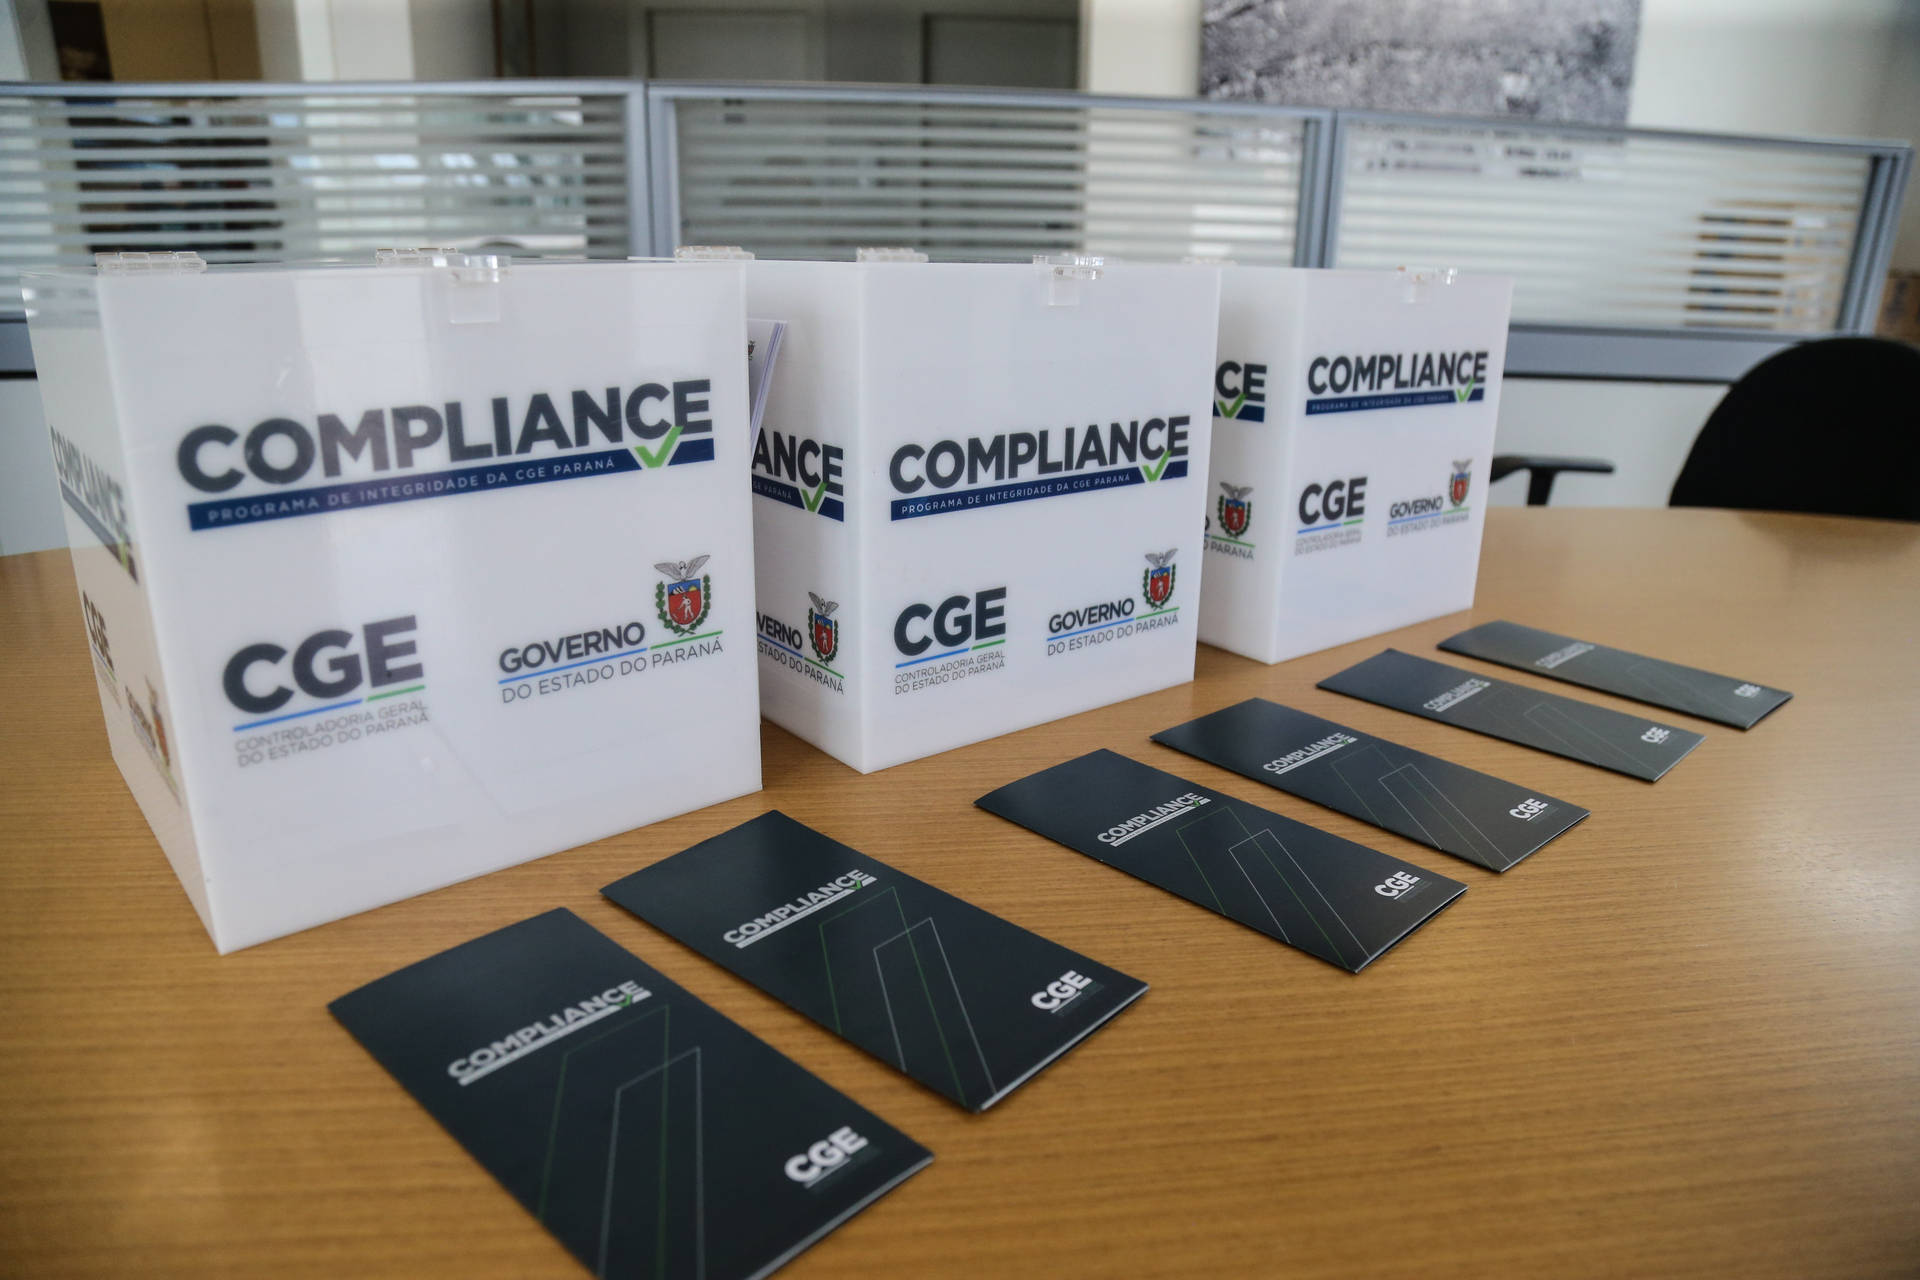 Estruturação da Controladoria-Geral possibilitou implantação do Programa de Integridade e Compliance e o resgate de recursos desviados por corrupção.